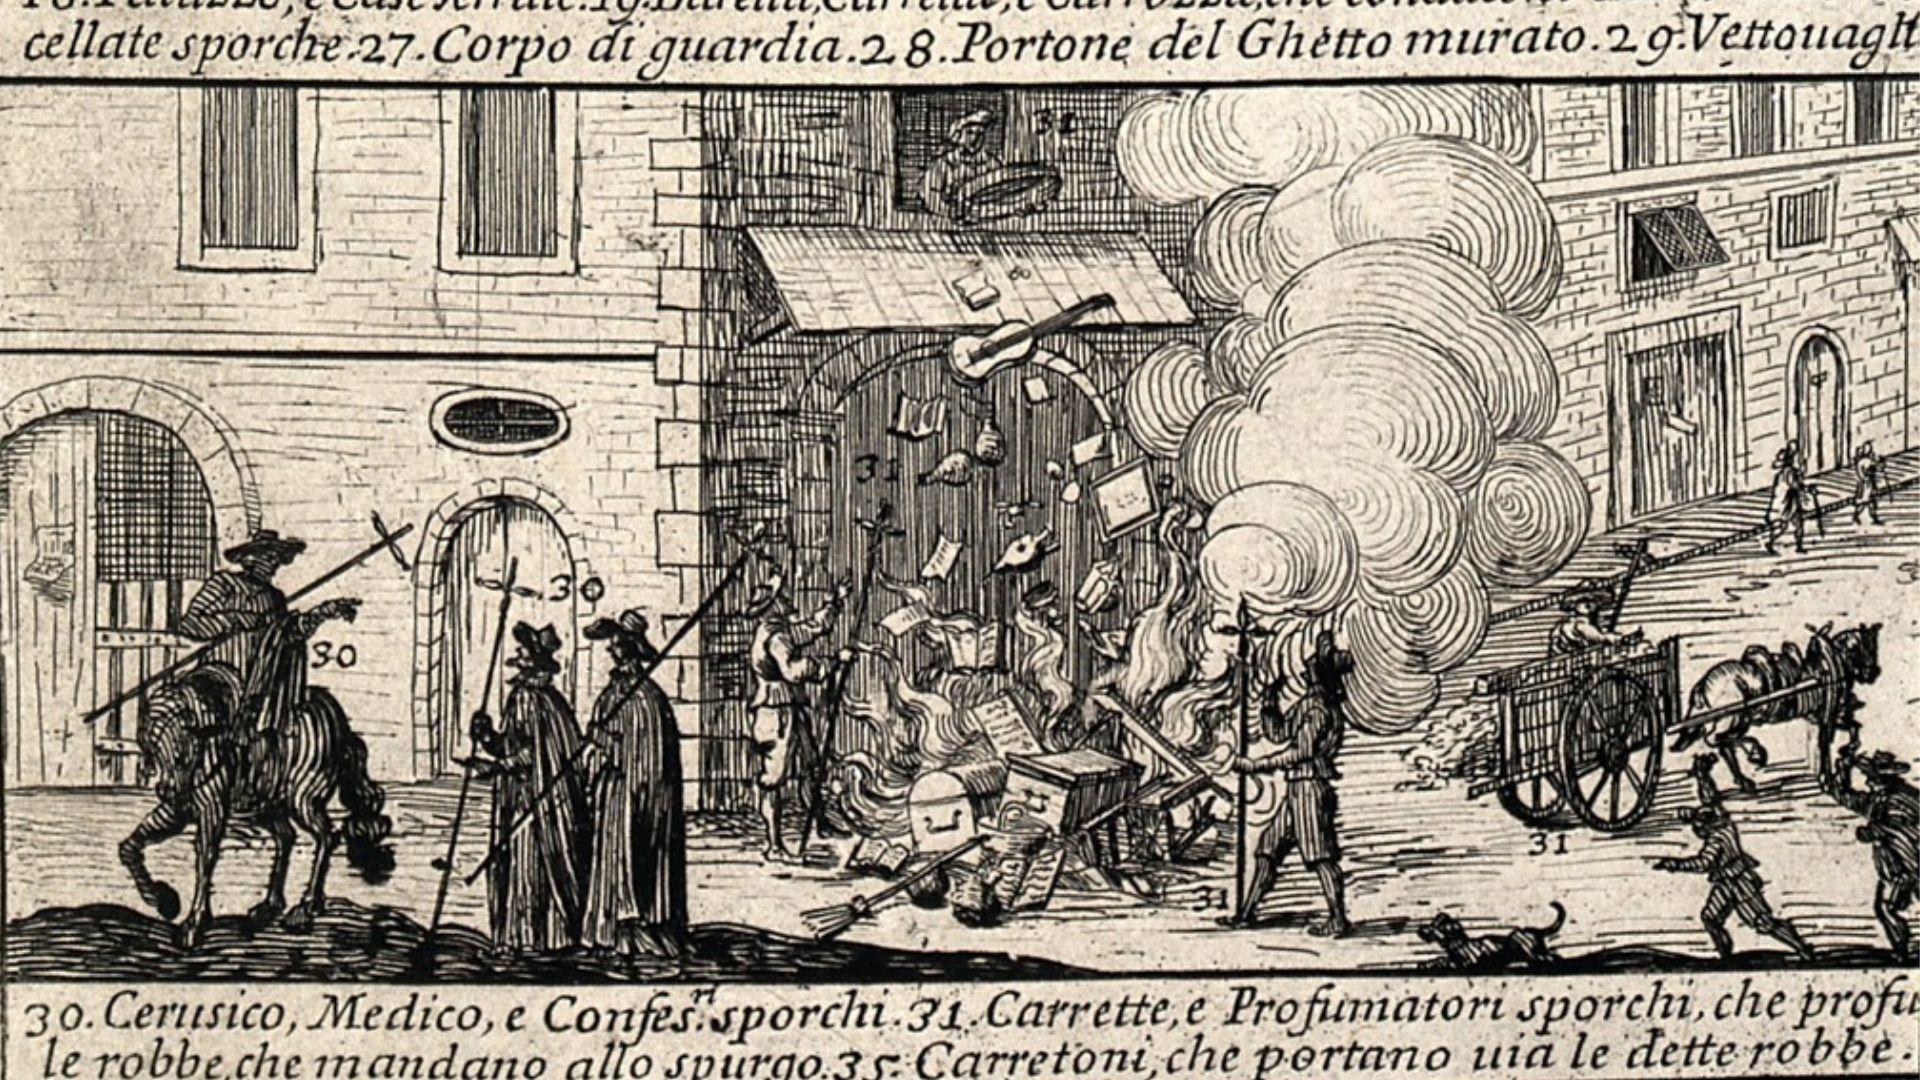 La «peste» de mediados del siglo XVIII. Años 1647-1657. Este brote de peste afectó al occidente mediterráneo y en la Peninsula Ibérica causó 500.000 muertes.